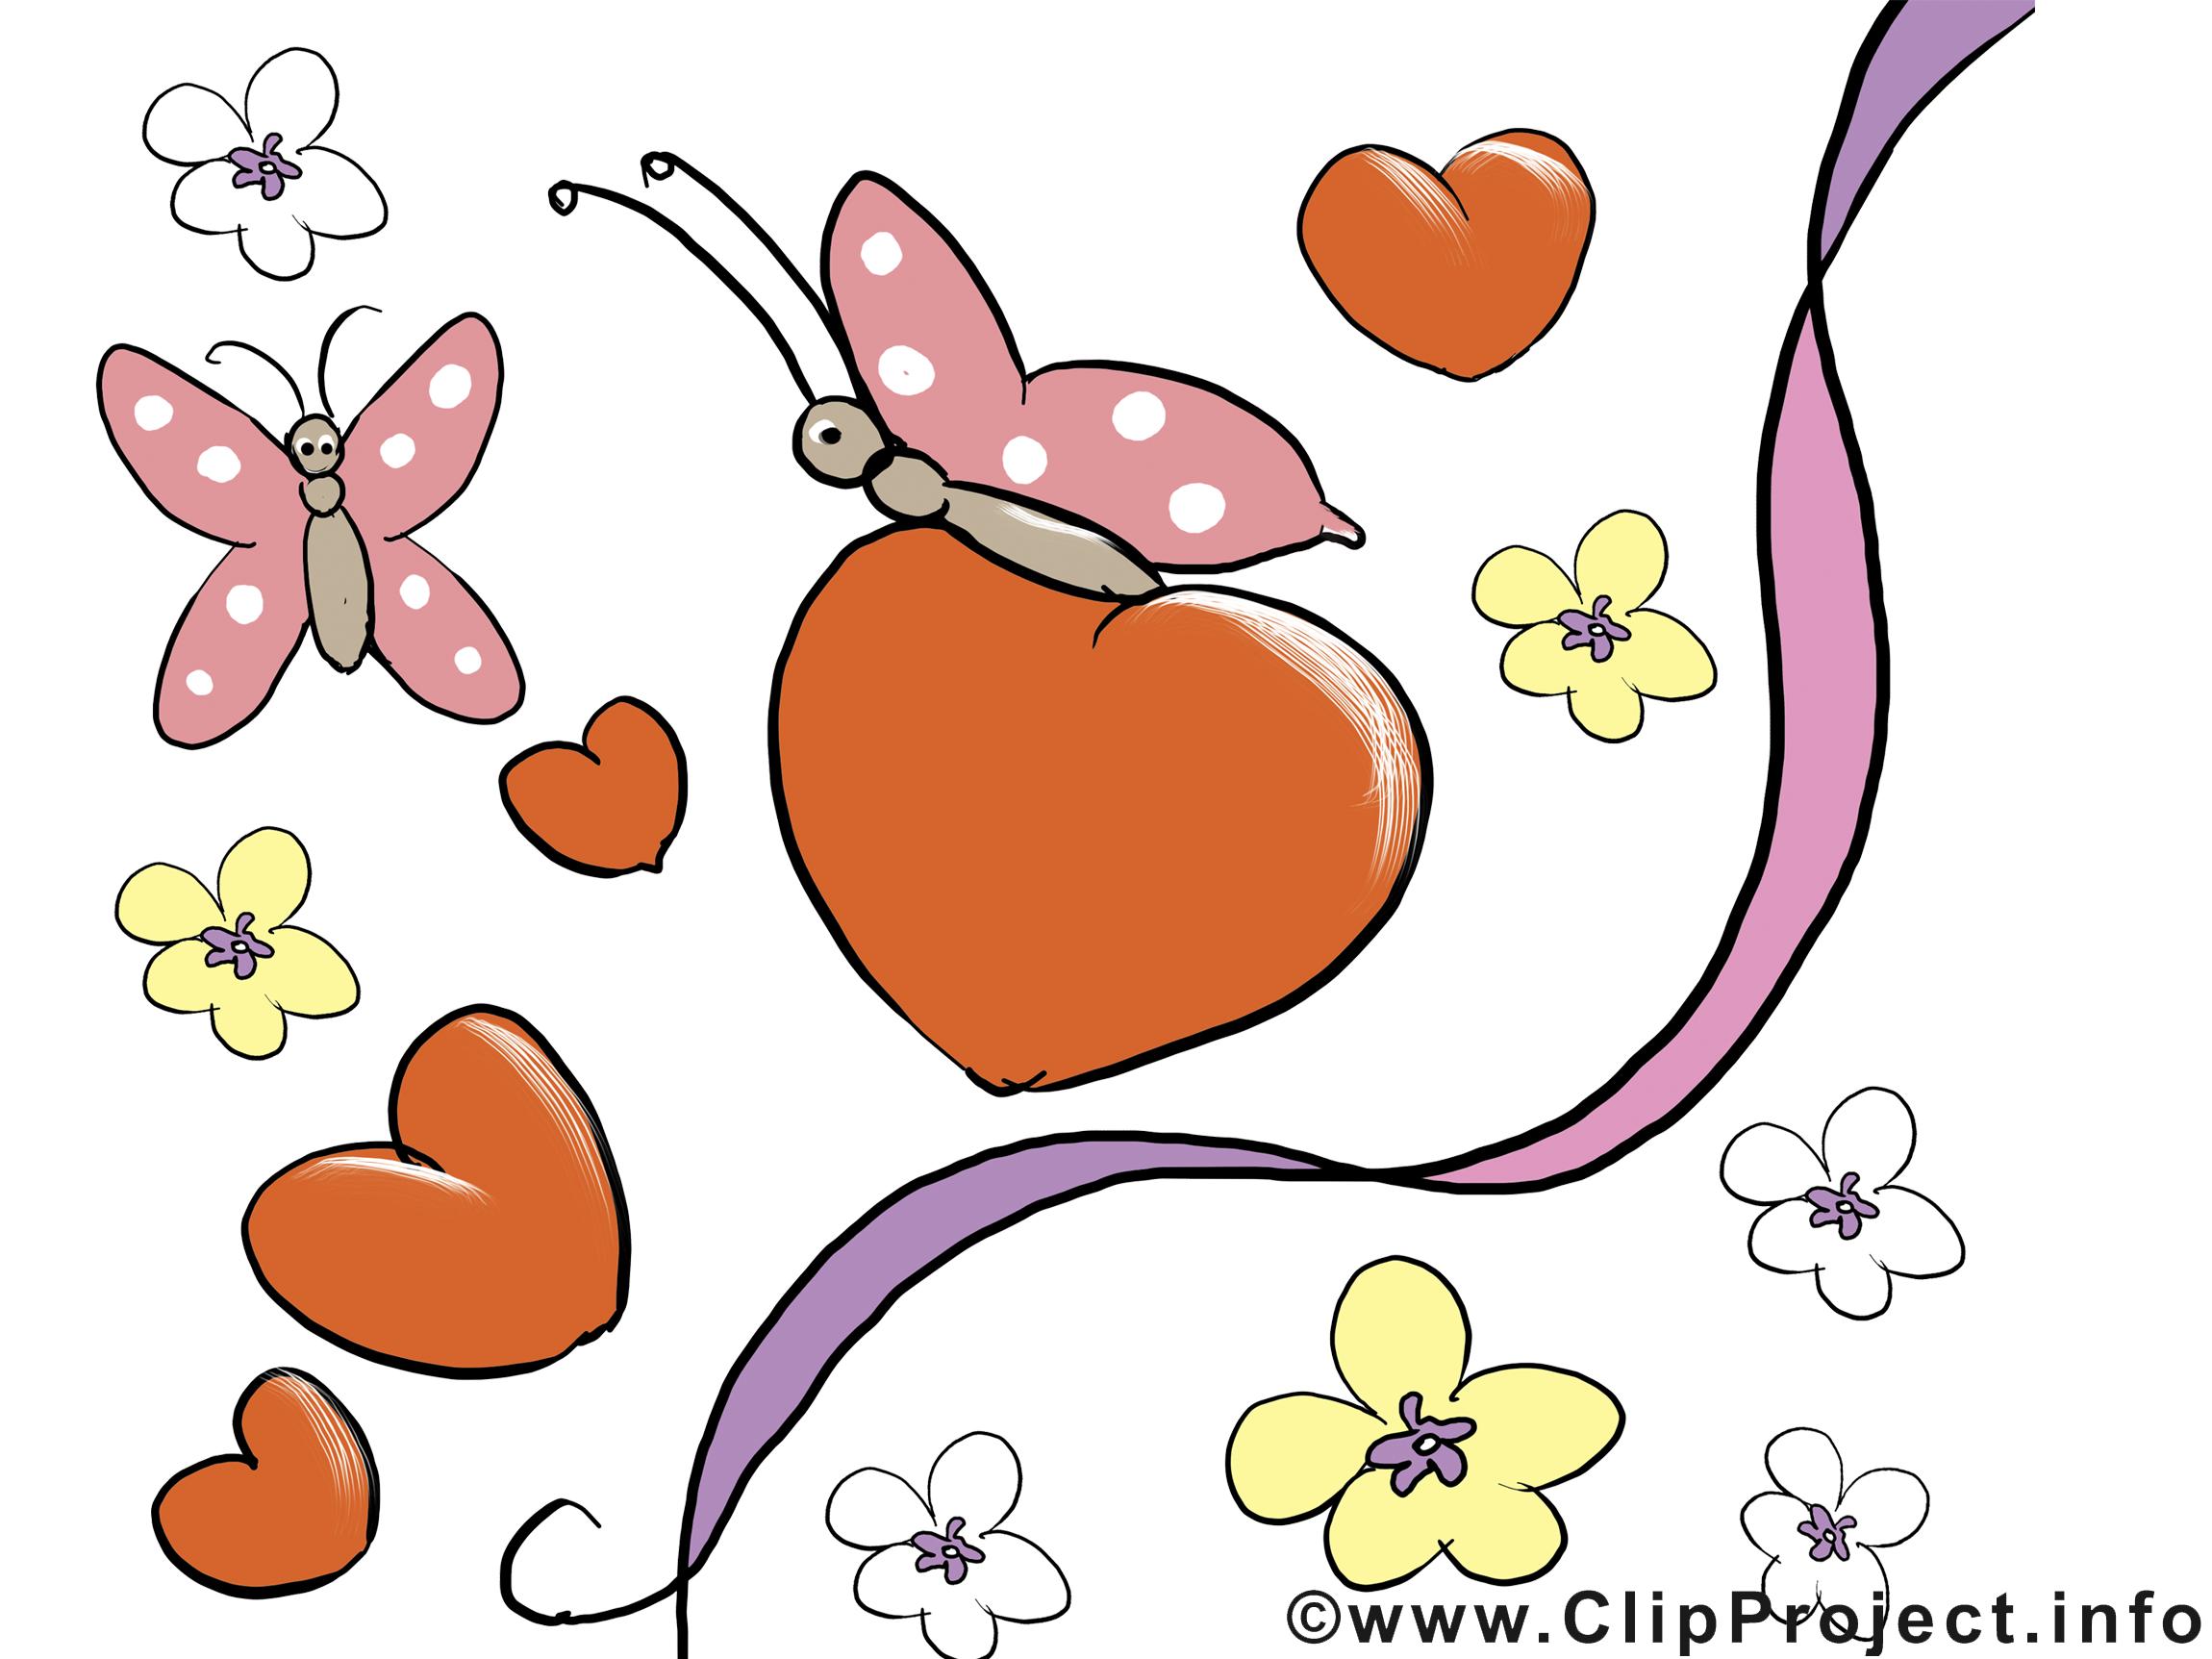 Papillons jolie carte - Saint-Valentin images